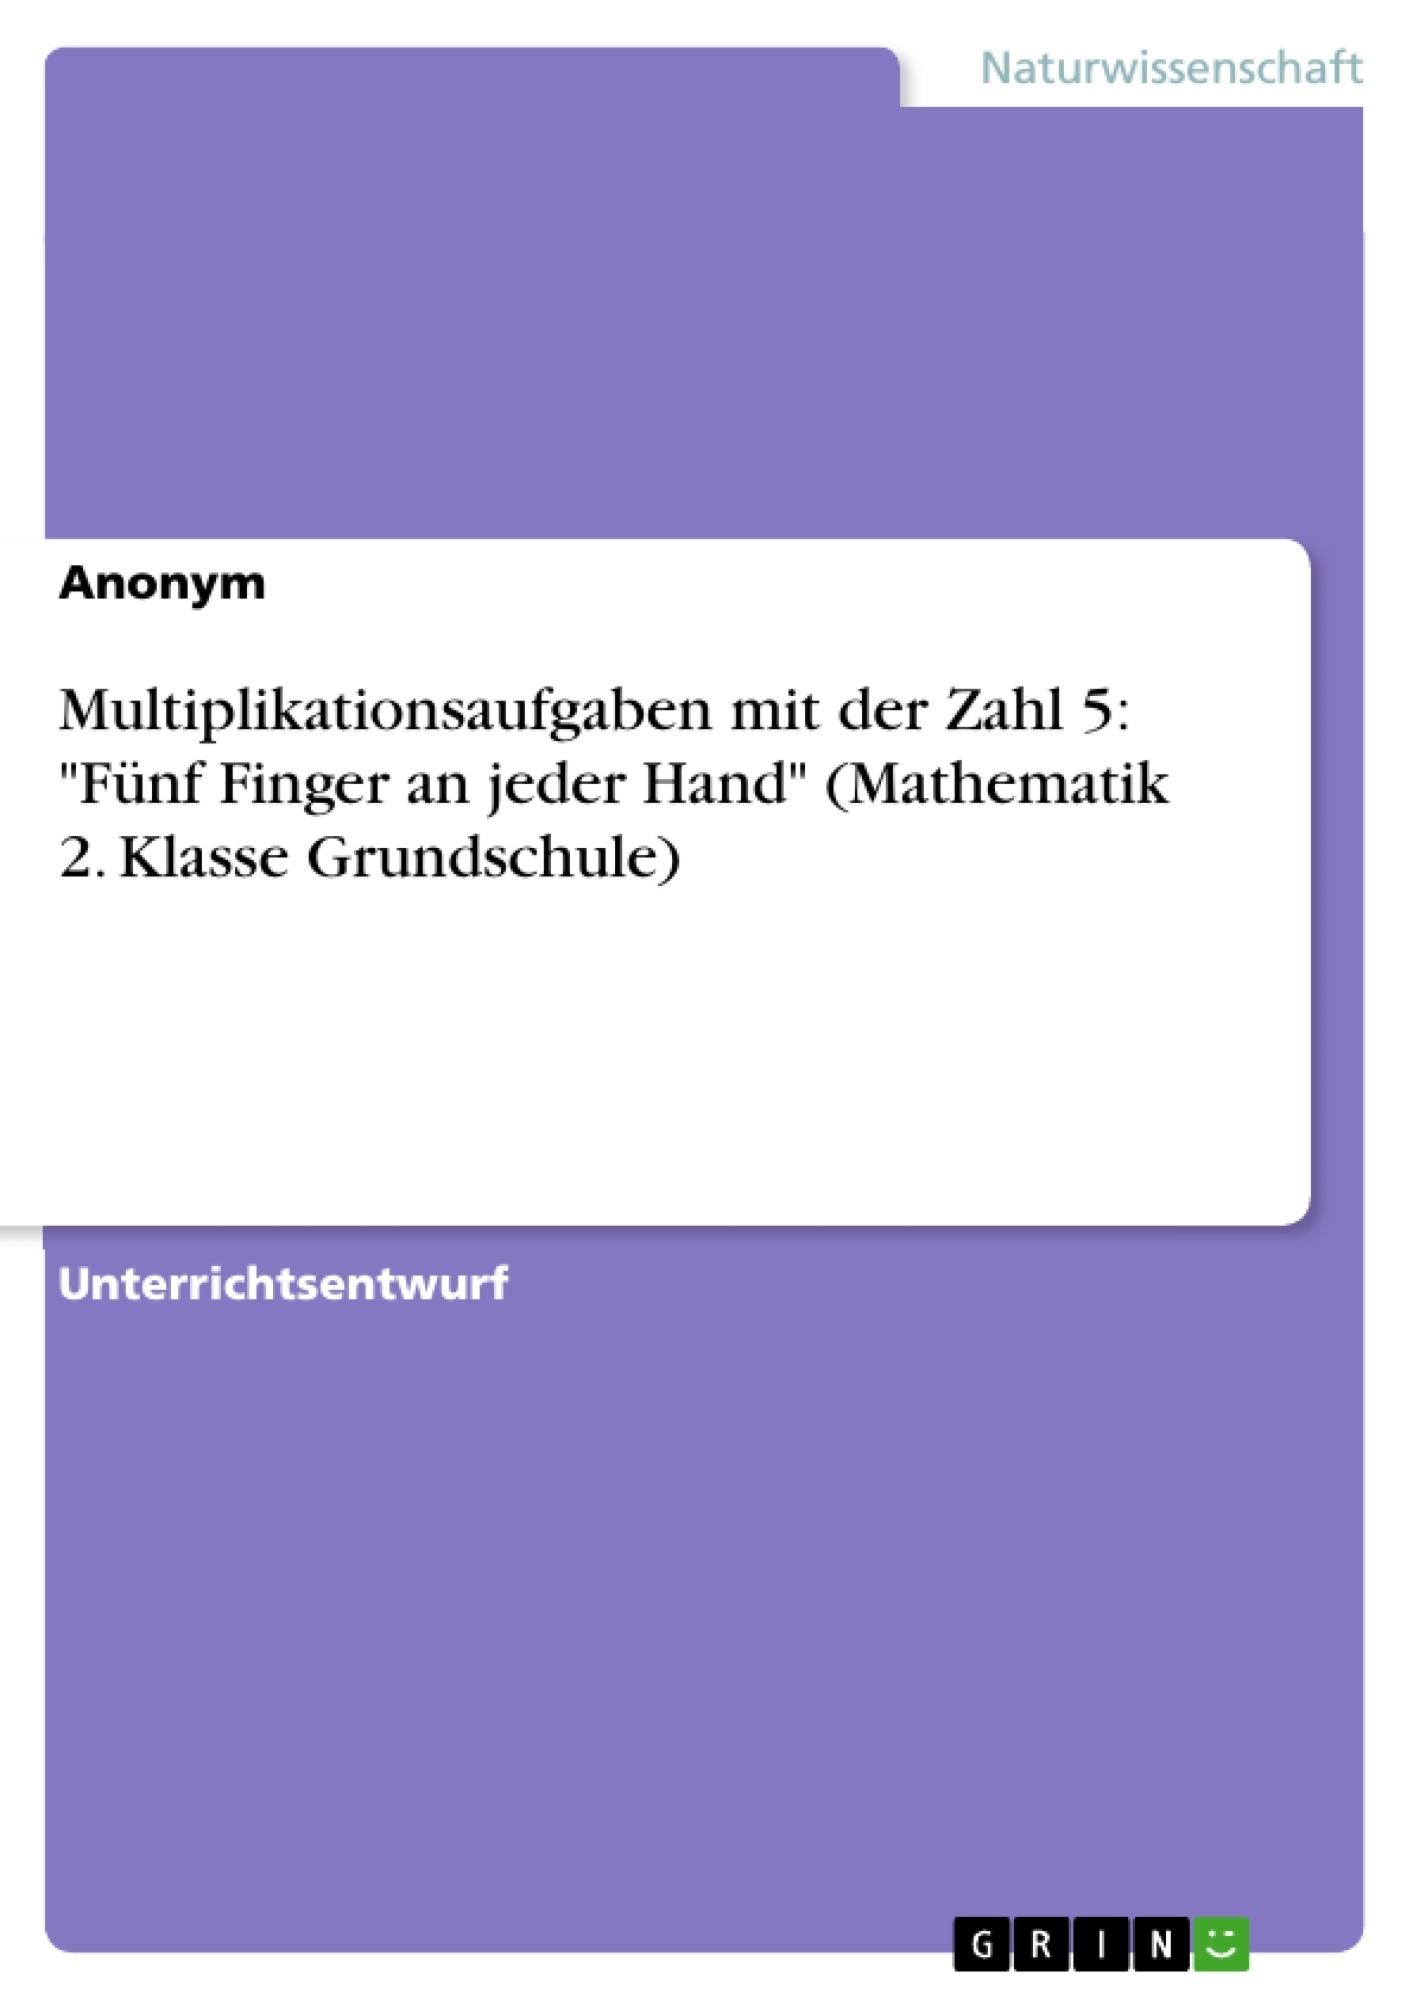 """Titel: Multiplikationsaufgaben mit der Zahl 5: """"Fünf Finger an jeder Hand"""" (Mathematik 2. Klasse Grundschule)"""